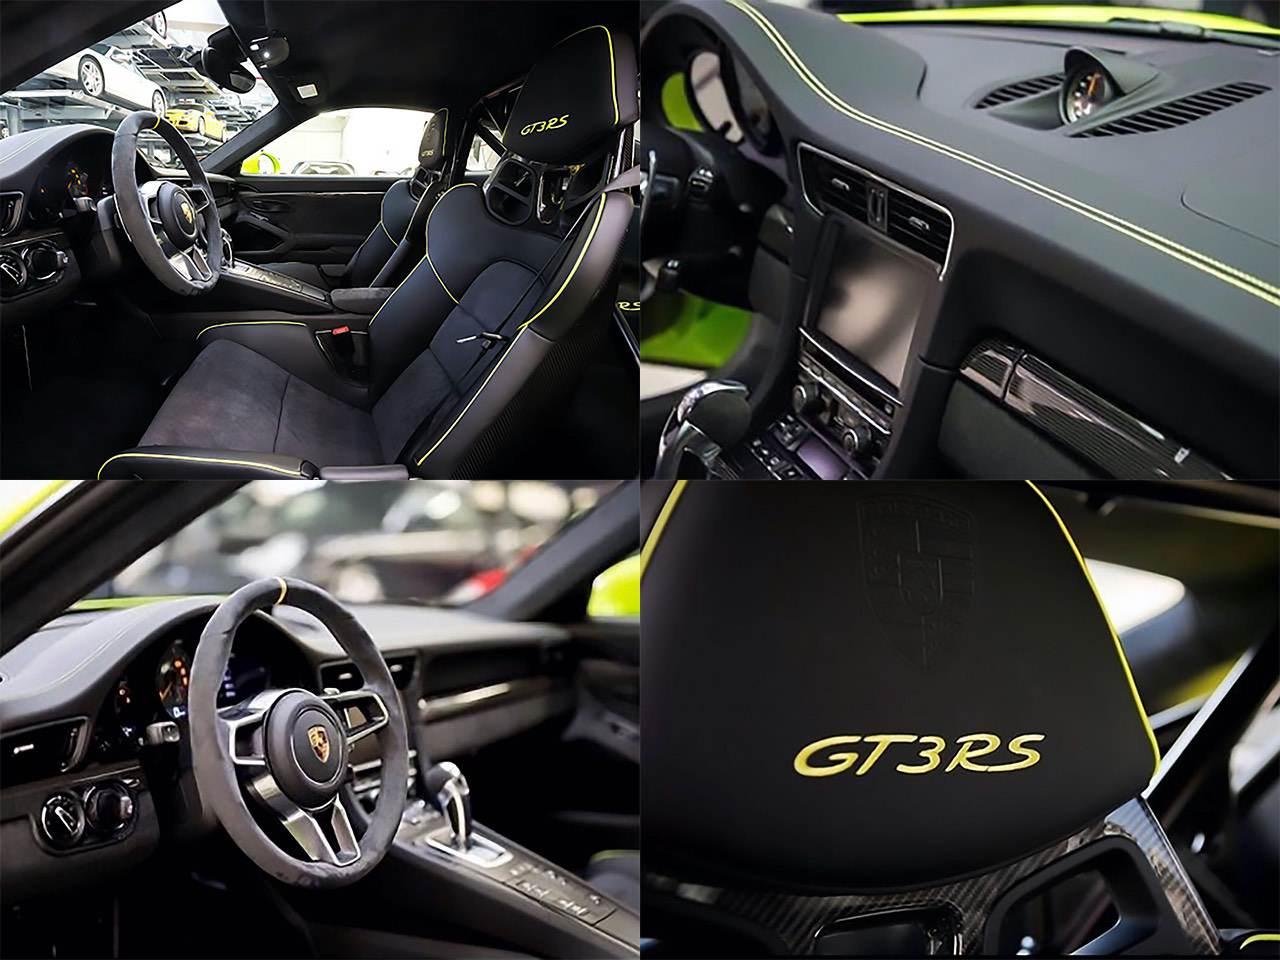 Porsche-911-991-GT3-RS-11